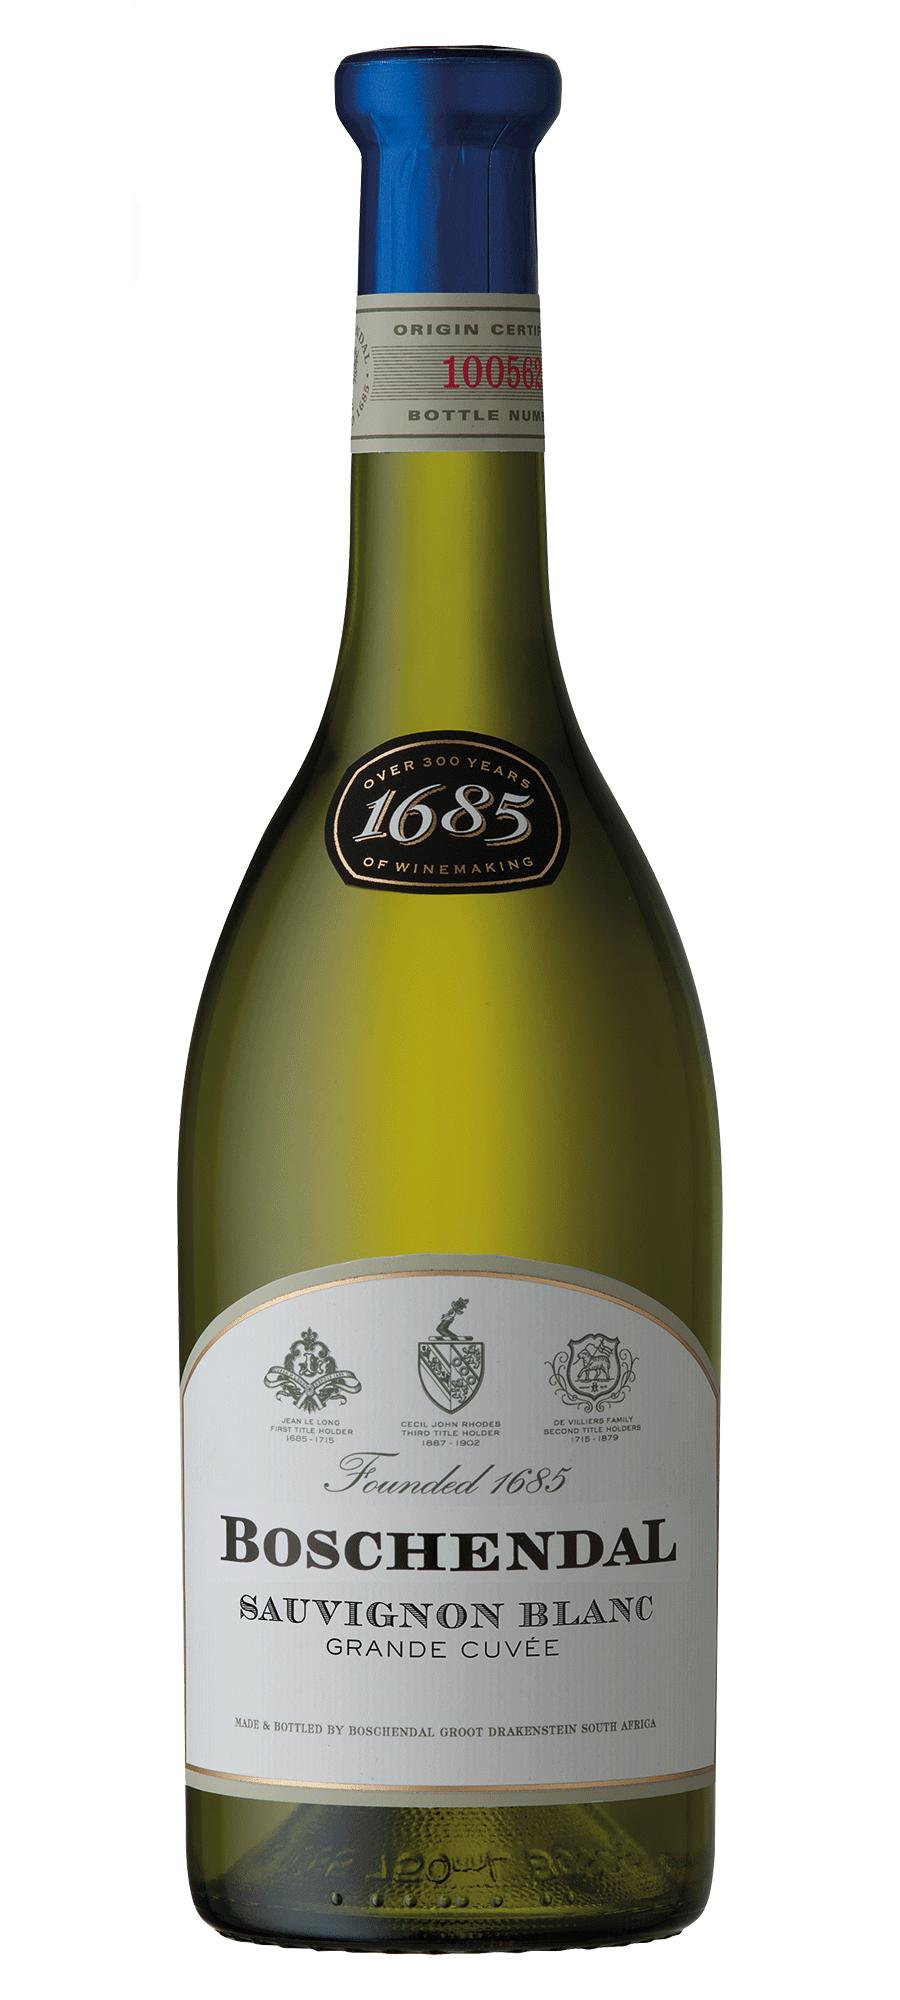 Boschendal 1685 Grande Cuvee Sauvignon Blanc